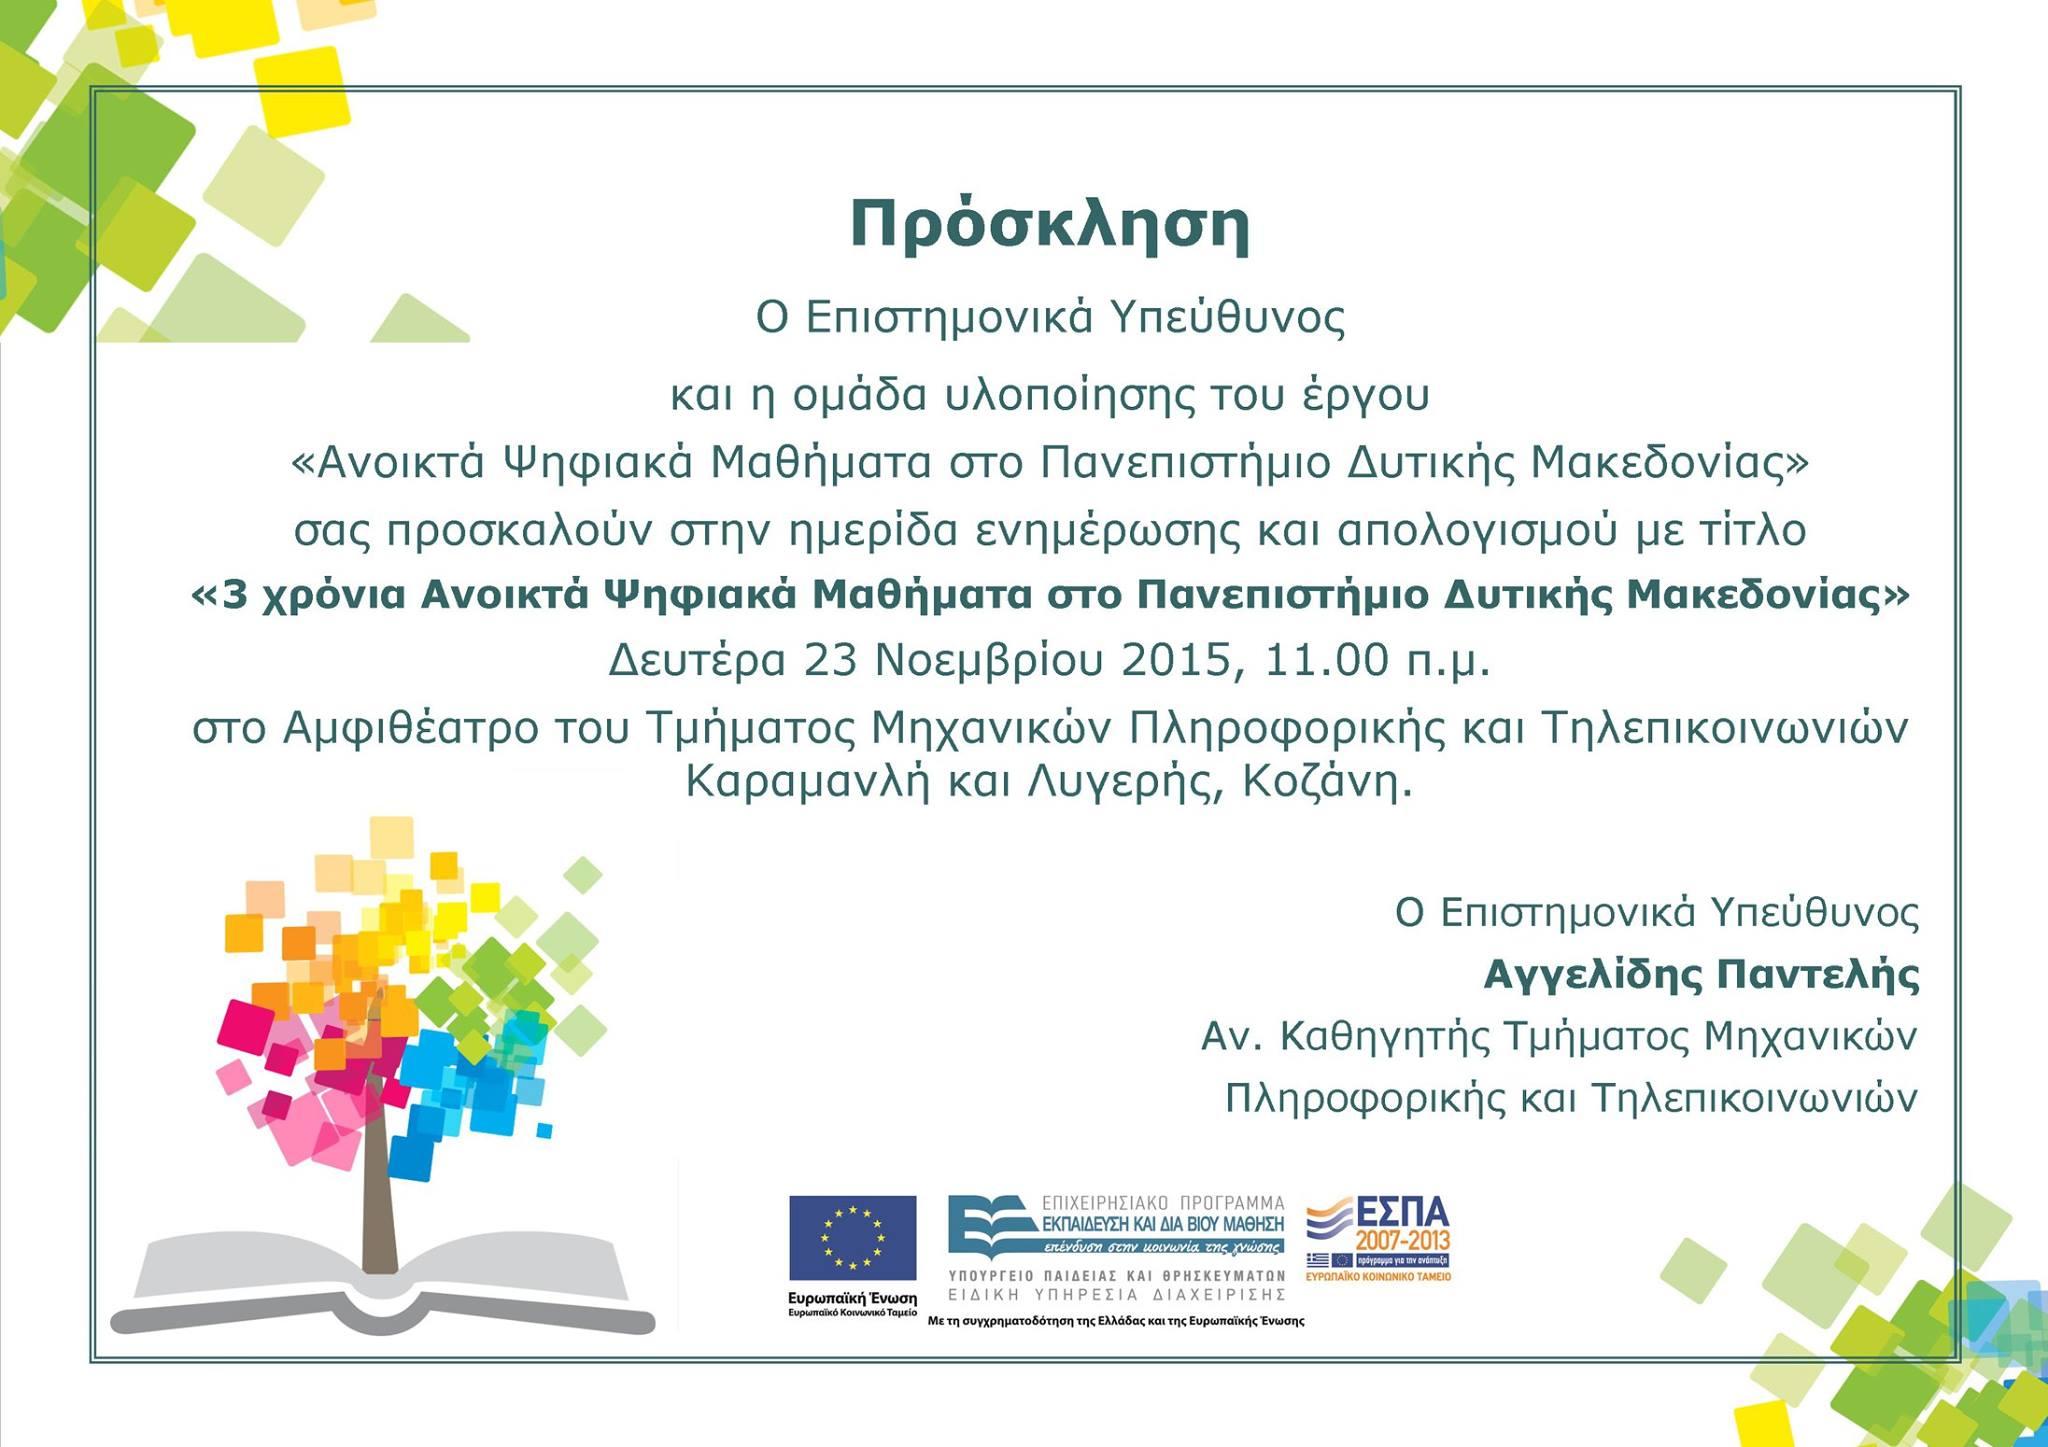 Ημερίδα «3 χρόνια Ανοικτά Ψηφιακά Μαθήματα στο Πανεπιστήμιο Δυτικής Μακεδονίας»